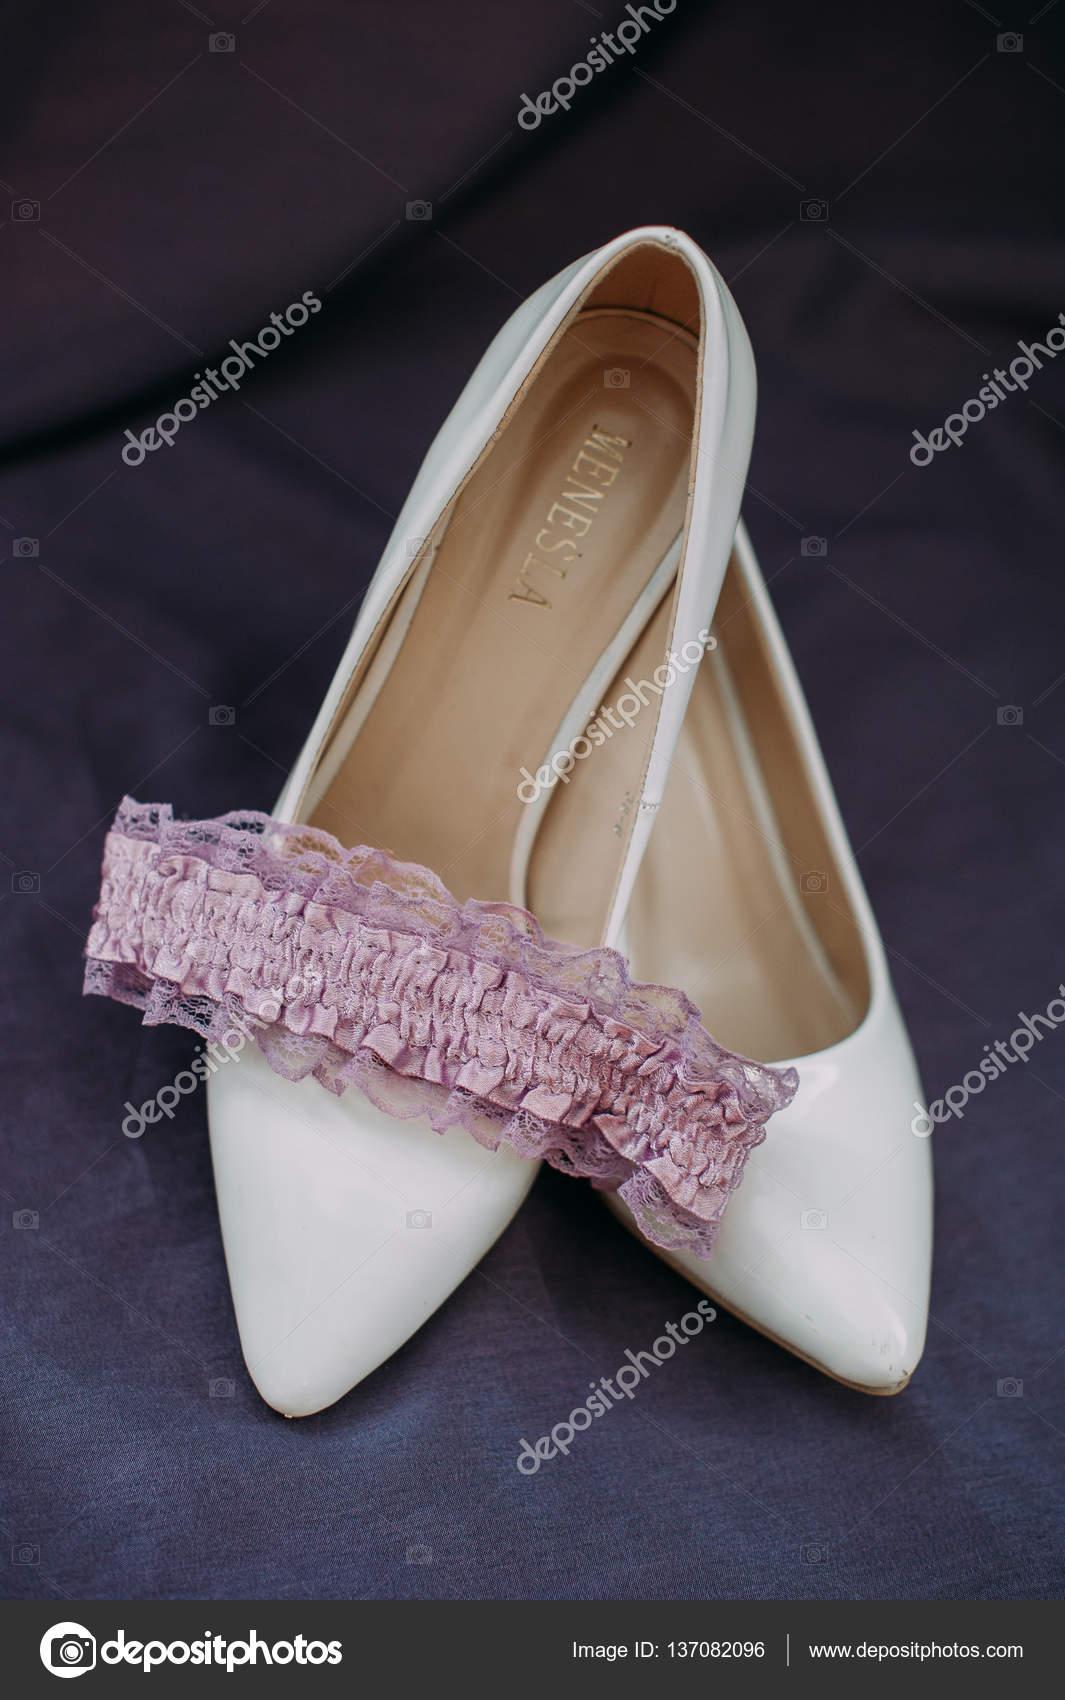 57352cf6a Acessórios de noiva: renda blusa Jarreteira, sapatilhas, sapatos de salto  alto– imagens de bancos de imagens